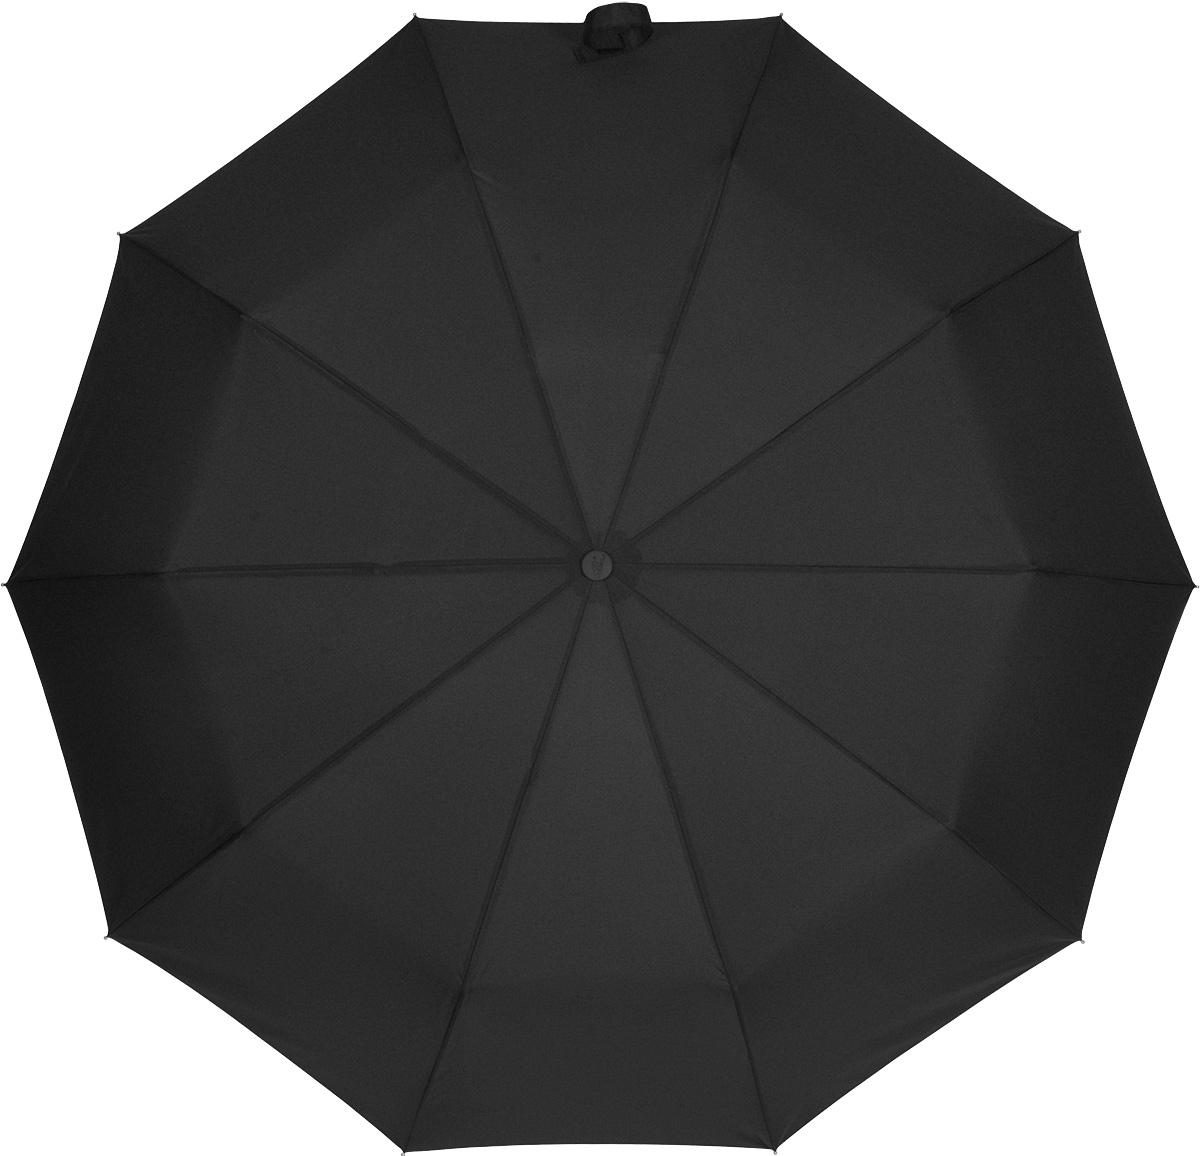 Зонт мужской Sponsa, автомат, 3 сложения, цвет: черный. 82288228Стильный и практичный мужской зонт Sponsa подойдет под любой ваш образ. Зонт состоит из десяти спиц и стержня, изготовленных из металлического сплава. Купол выполнен из качественного полиэстера, который не пропускает воду. Зонт дополнен удобной ручкой из пластика, которая имеет изогнутую форму. Зонт имеет автоматический механизм сложения: купол открывается и закрывается нажатием кнопки на ручке, стержень складывается вручную до характерного щелчка, благодаря чему открыть и закрыть зонт можно одной рукой. К зонту прилагается чехол, который закрывается на молнию. Такой стильный и практичный аксессуар не только надежно защитит вас от дождя, но и подчеркнет ваш стиль.